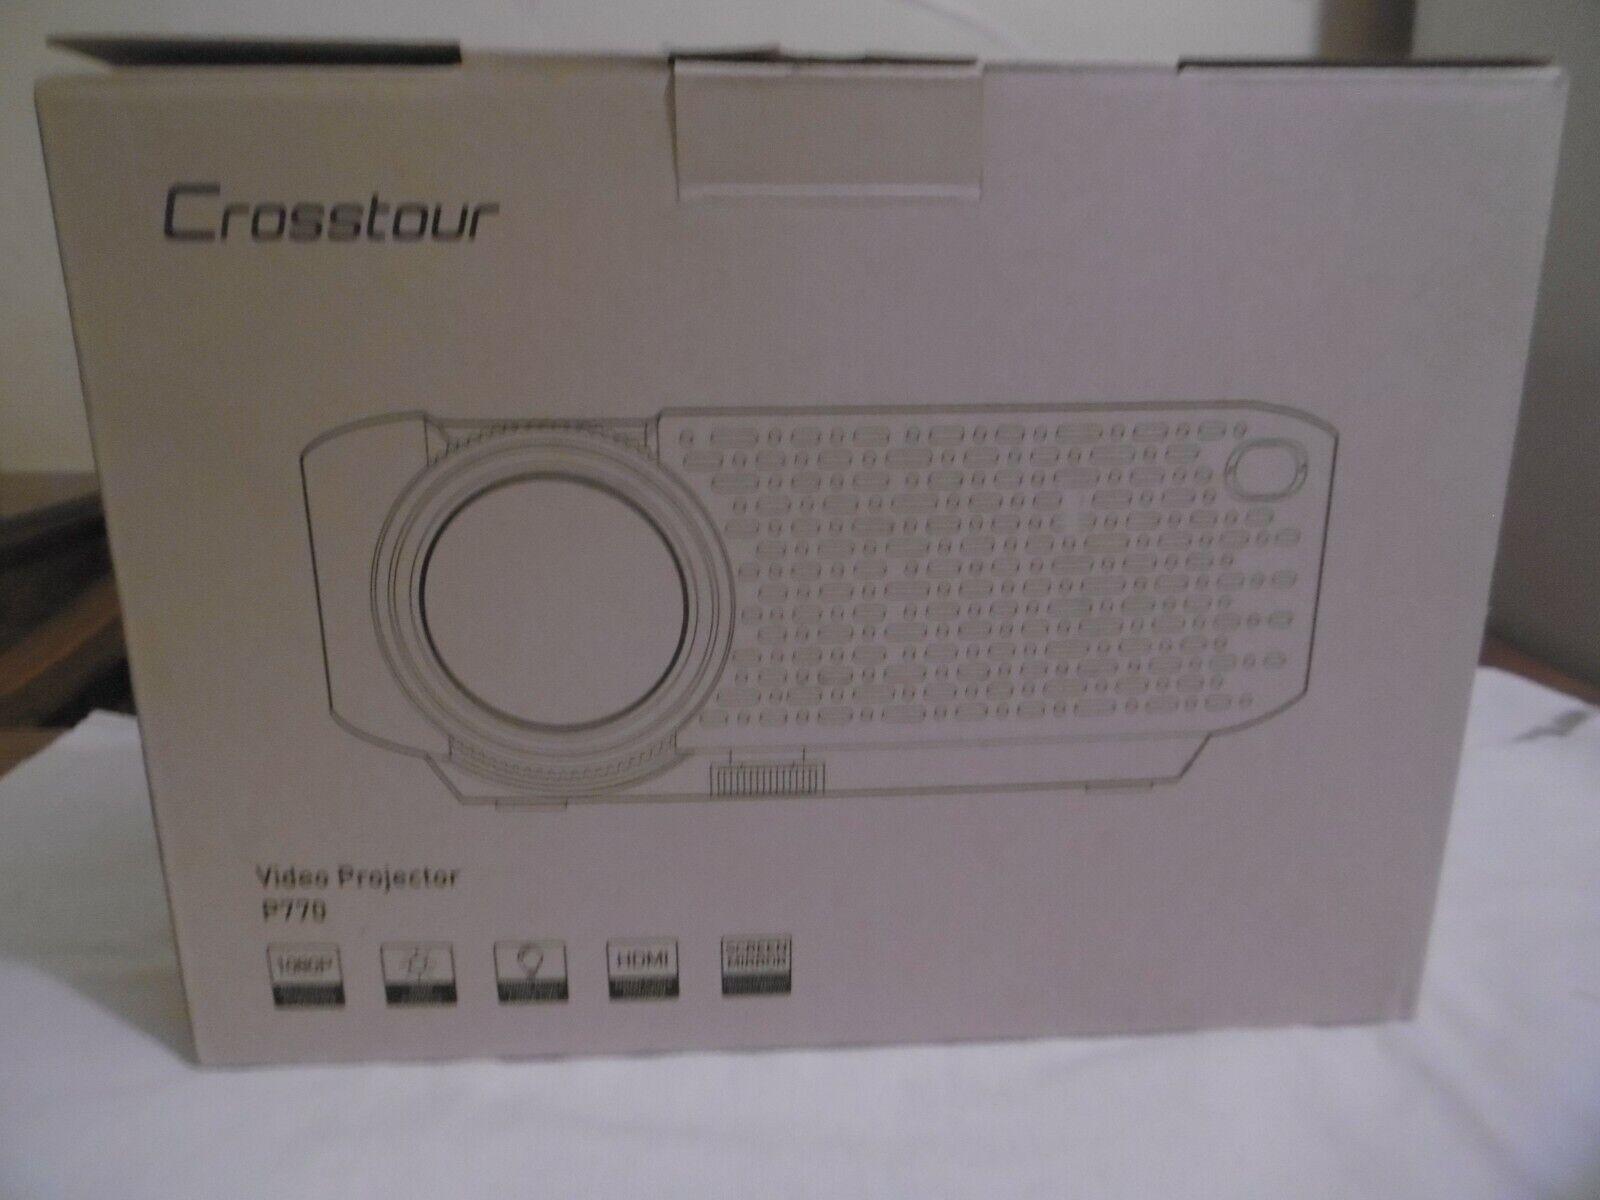 Video projecteur crosstour p770